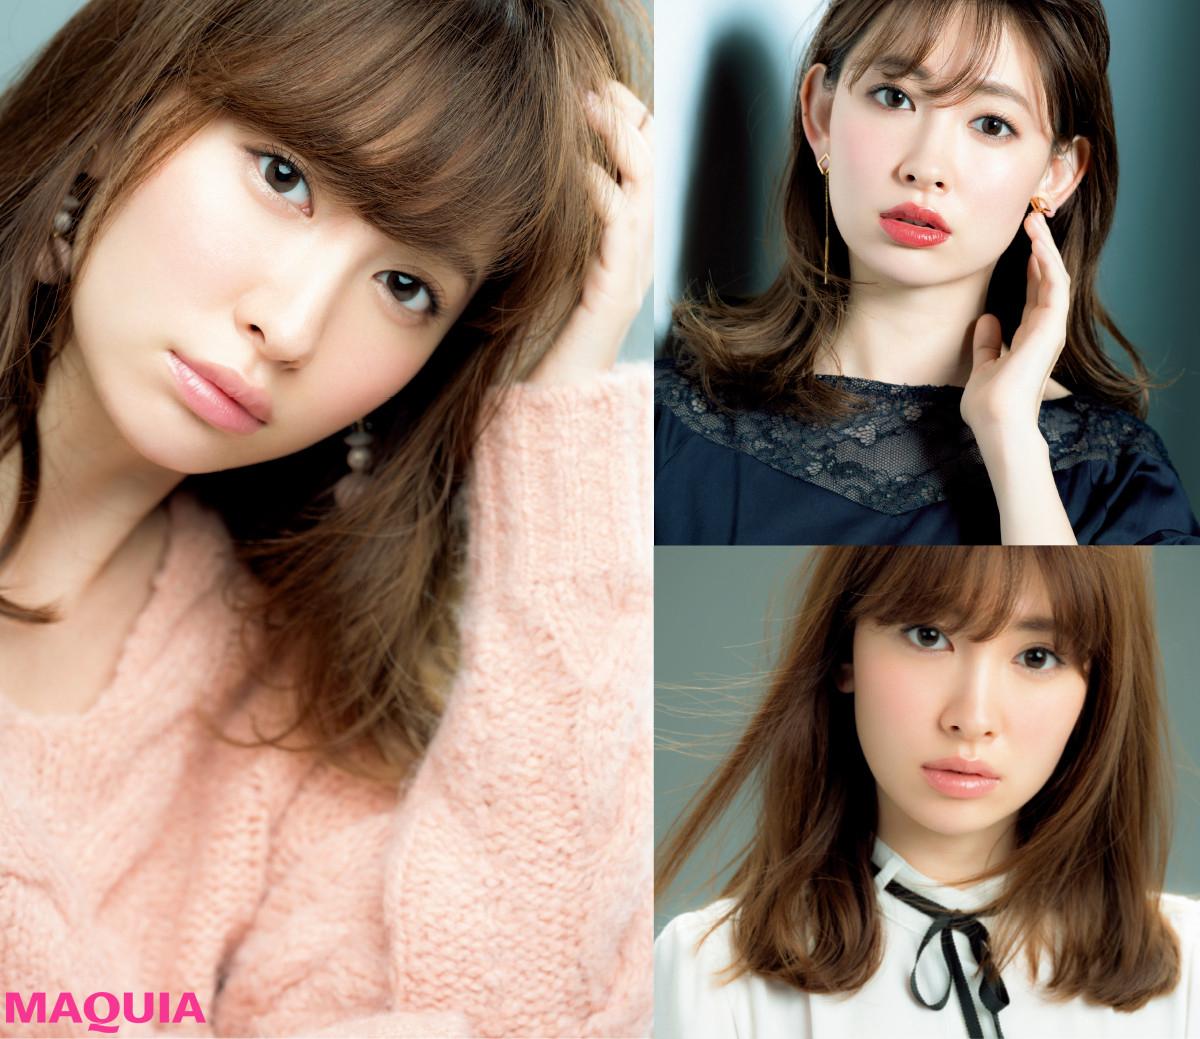 甘め美人顔の小嶋陽菜さんは赤みブラウンがお似合い! 陰影でつくる3つの小悪魔EYE